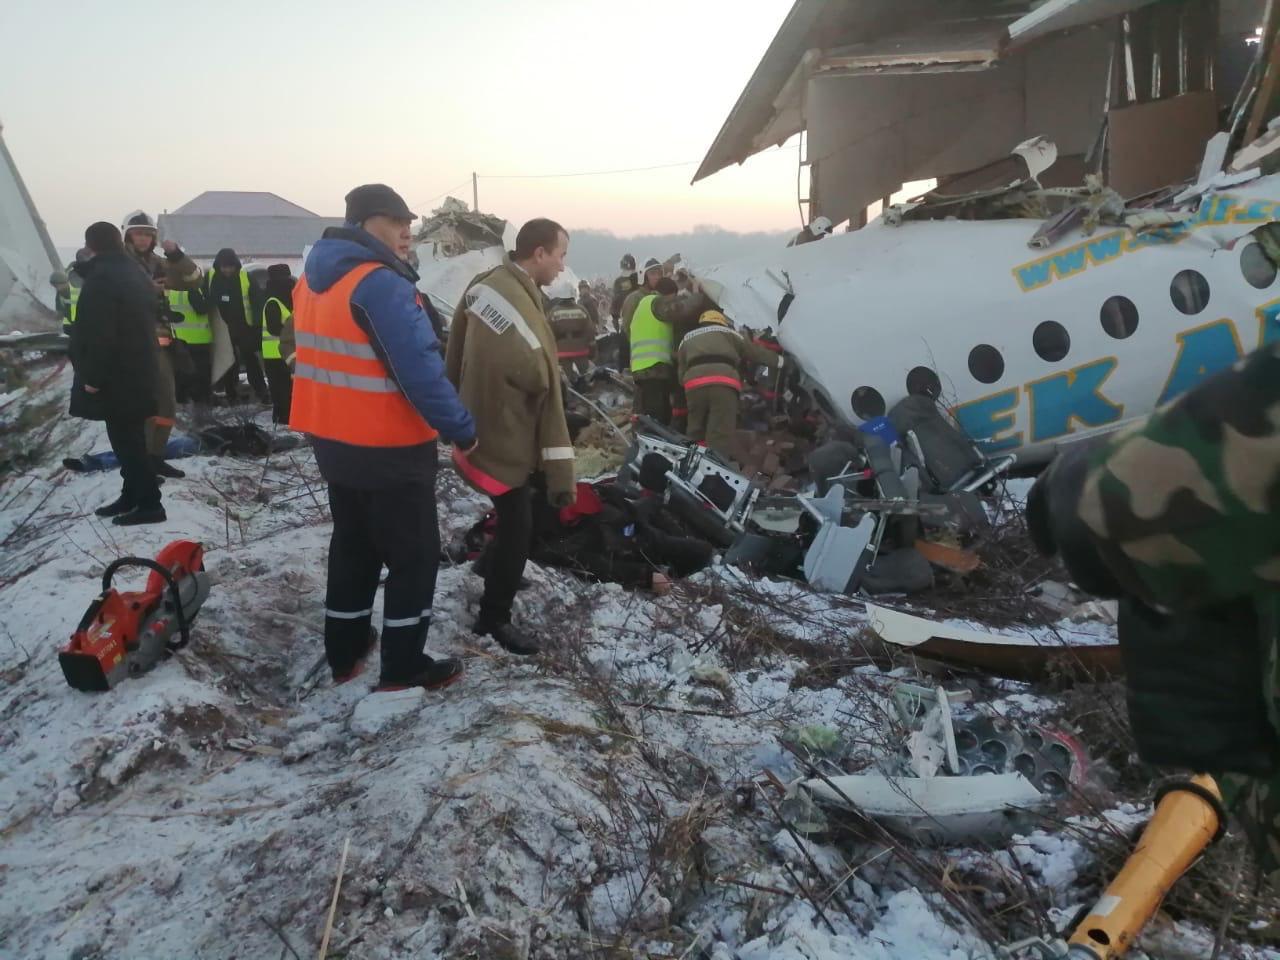 По уточненным данным, в авиакатастрофе под Алматы погибло 12 человек, пострадали 49 – КЧС МВД Казахстана